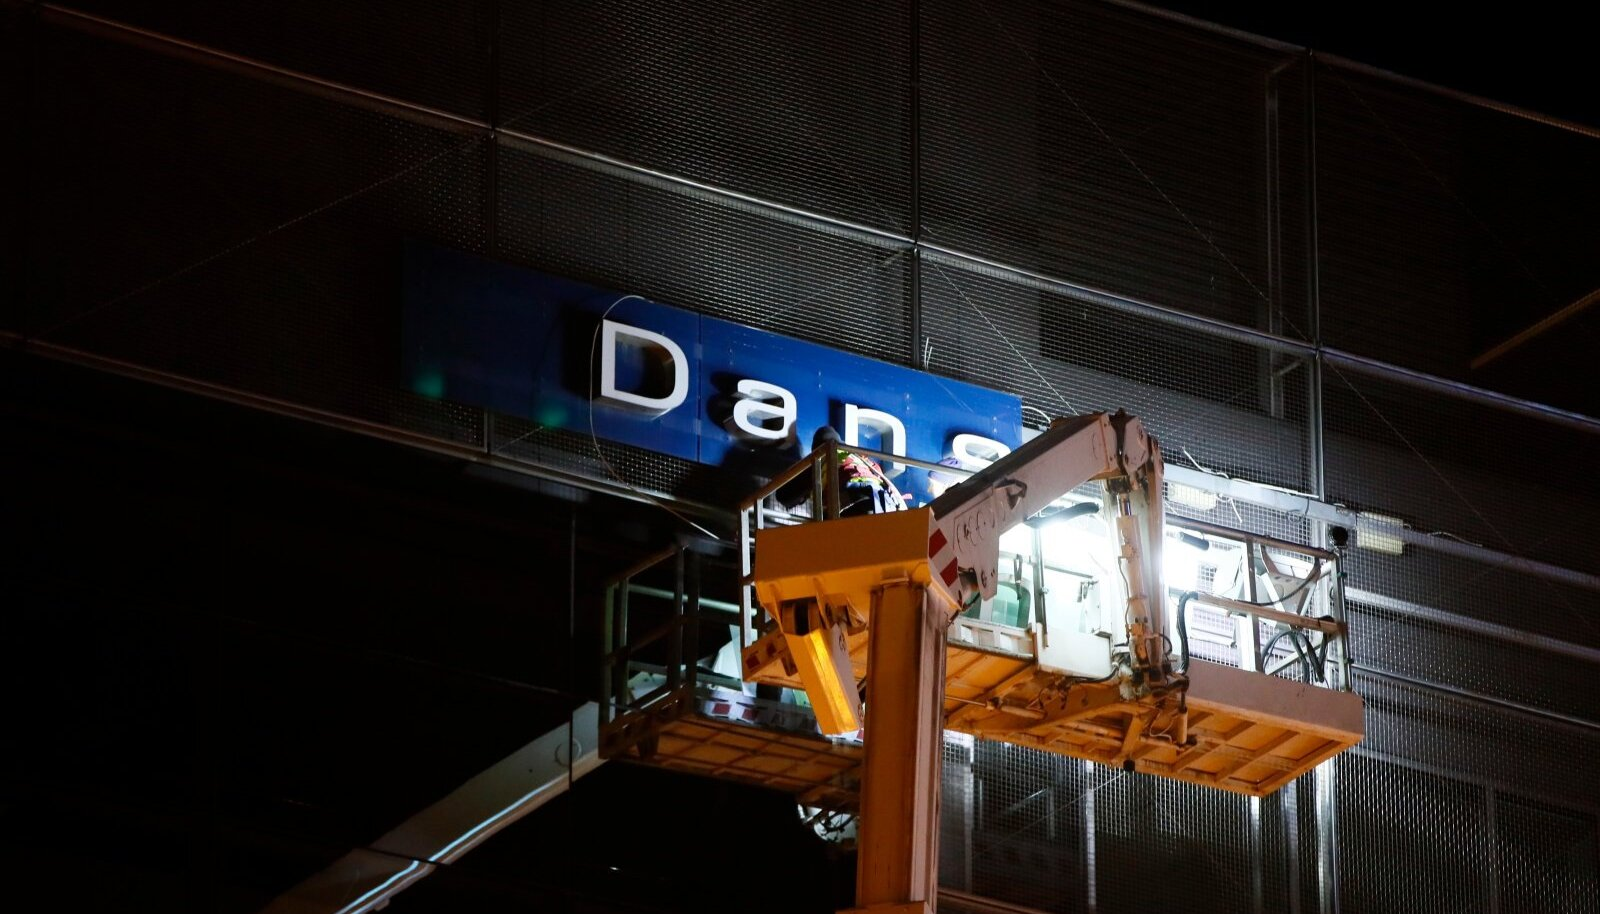 NII NAD LÄKSID: Danske Banki siltide eemaldamine möödunud aasta oktoobris Eesti peakontori seinalt.